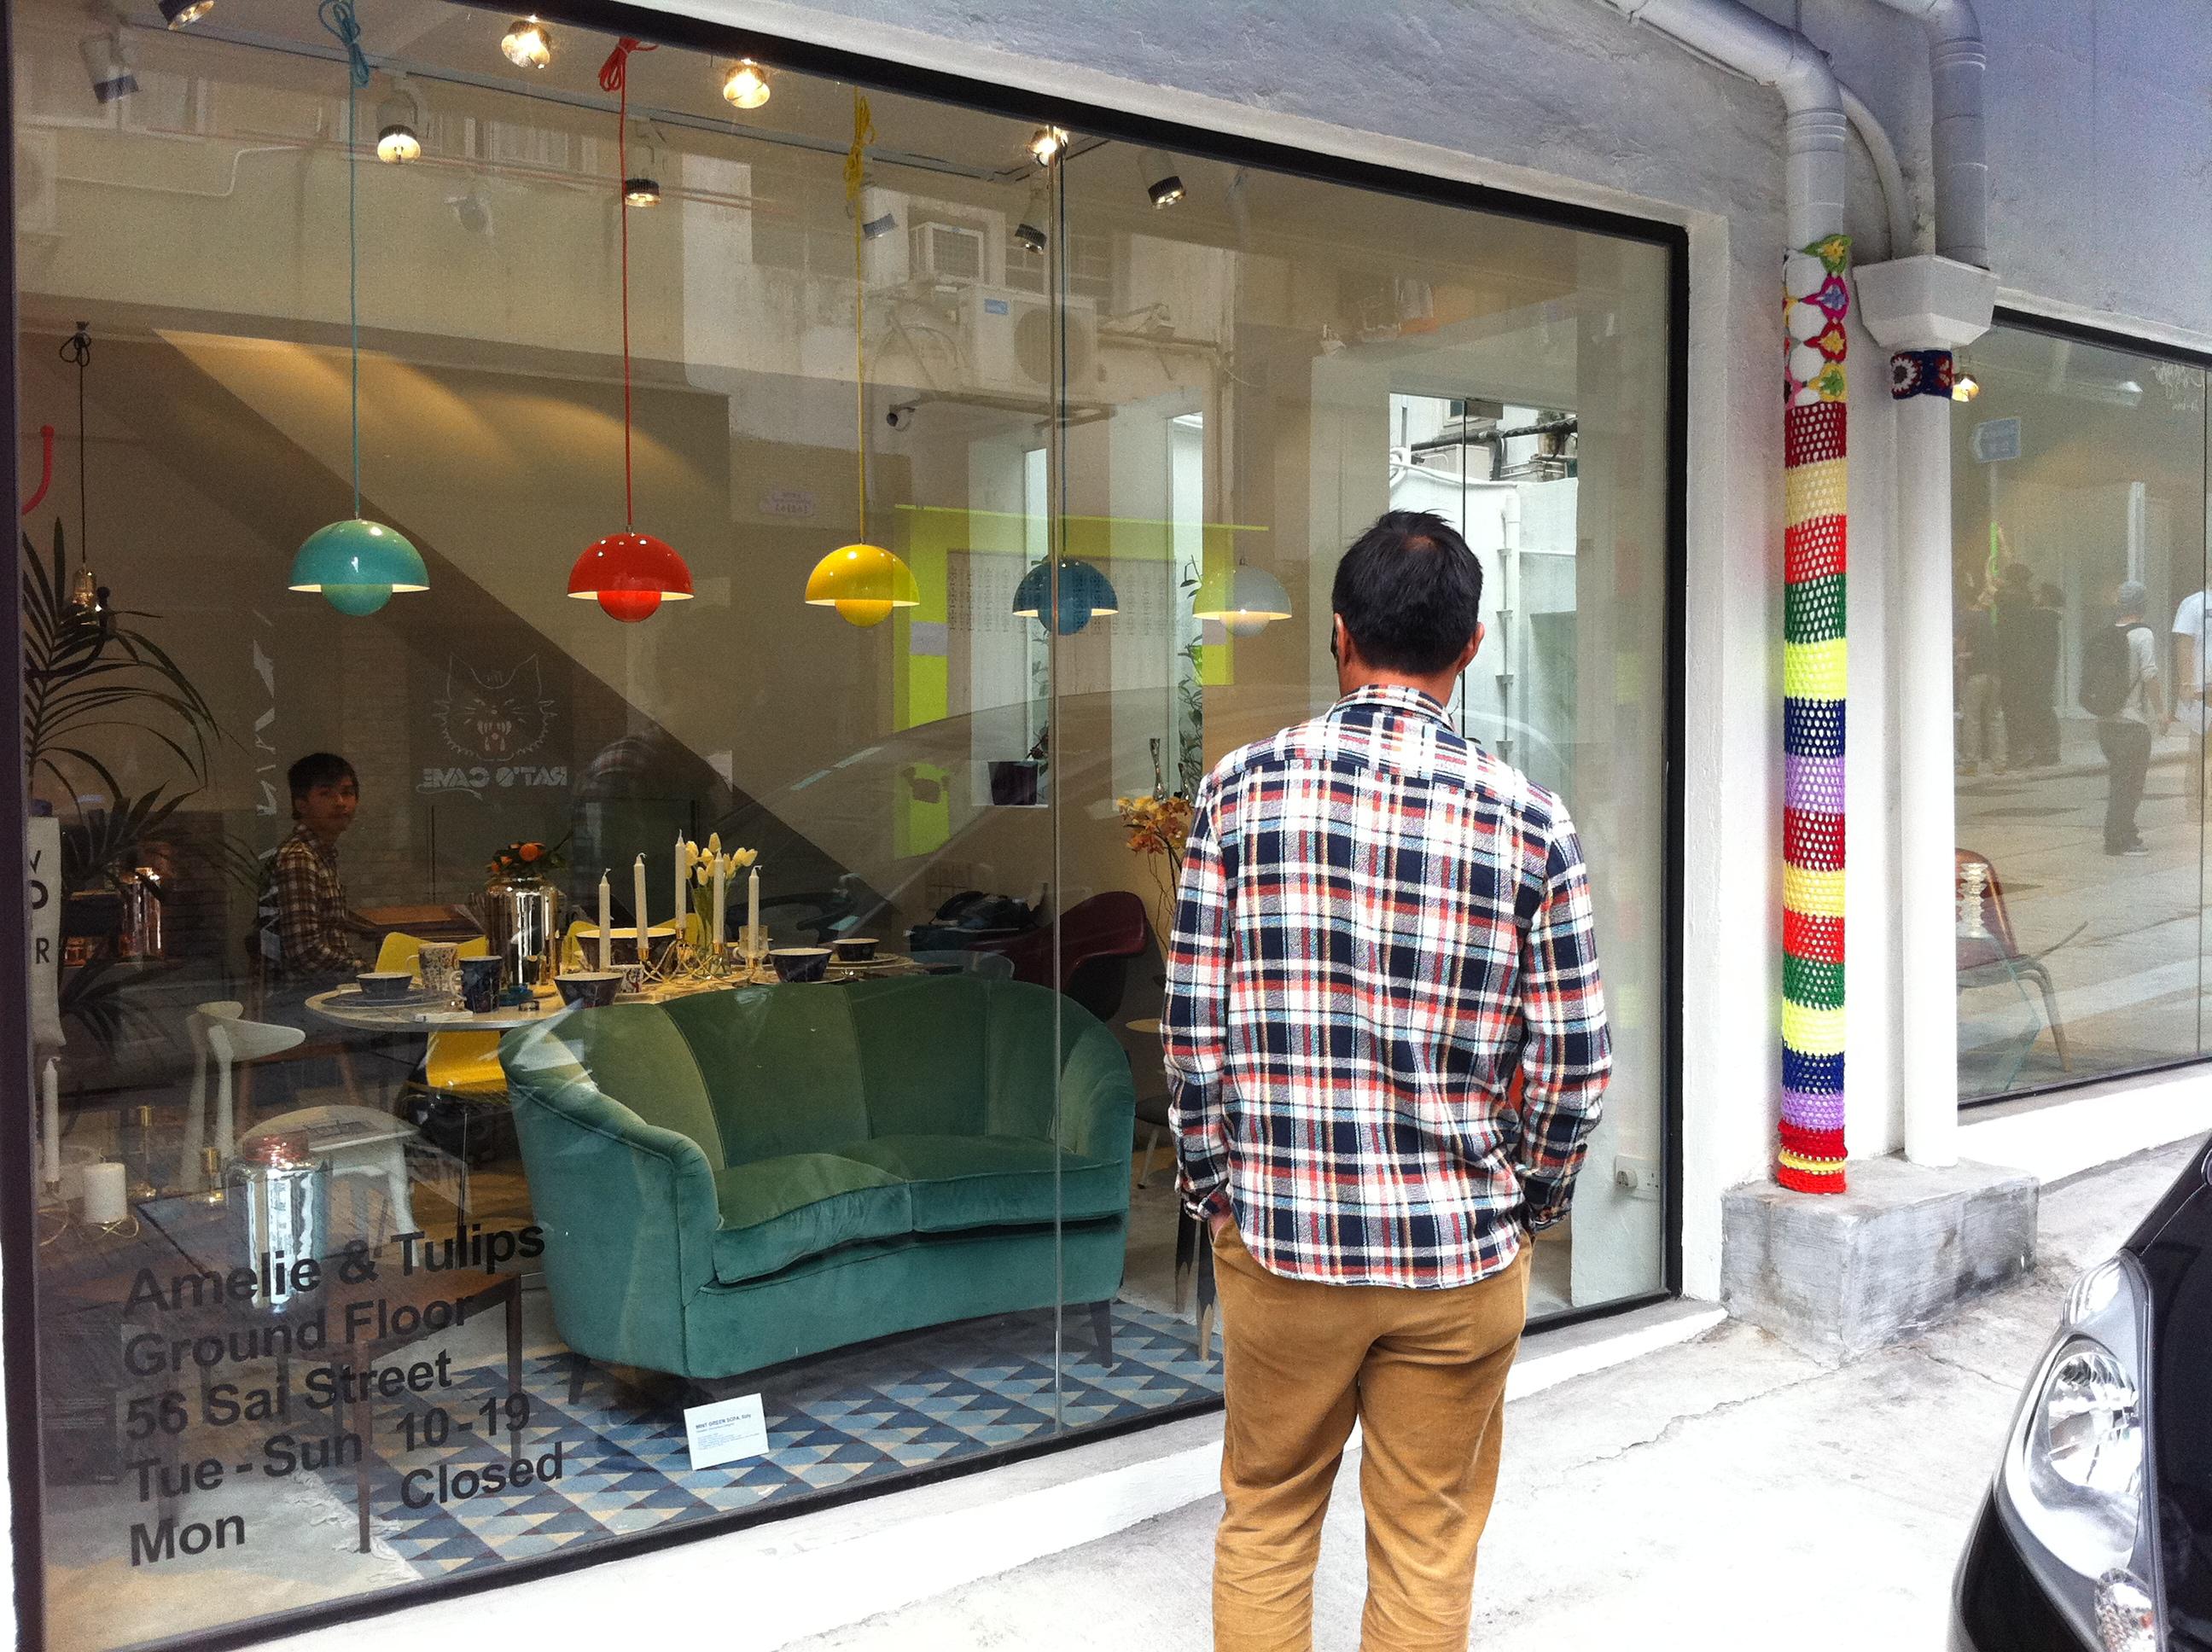 File HK Sheung Wan Tai Ping Shan Street furniture shop